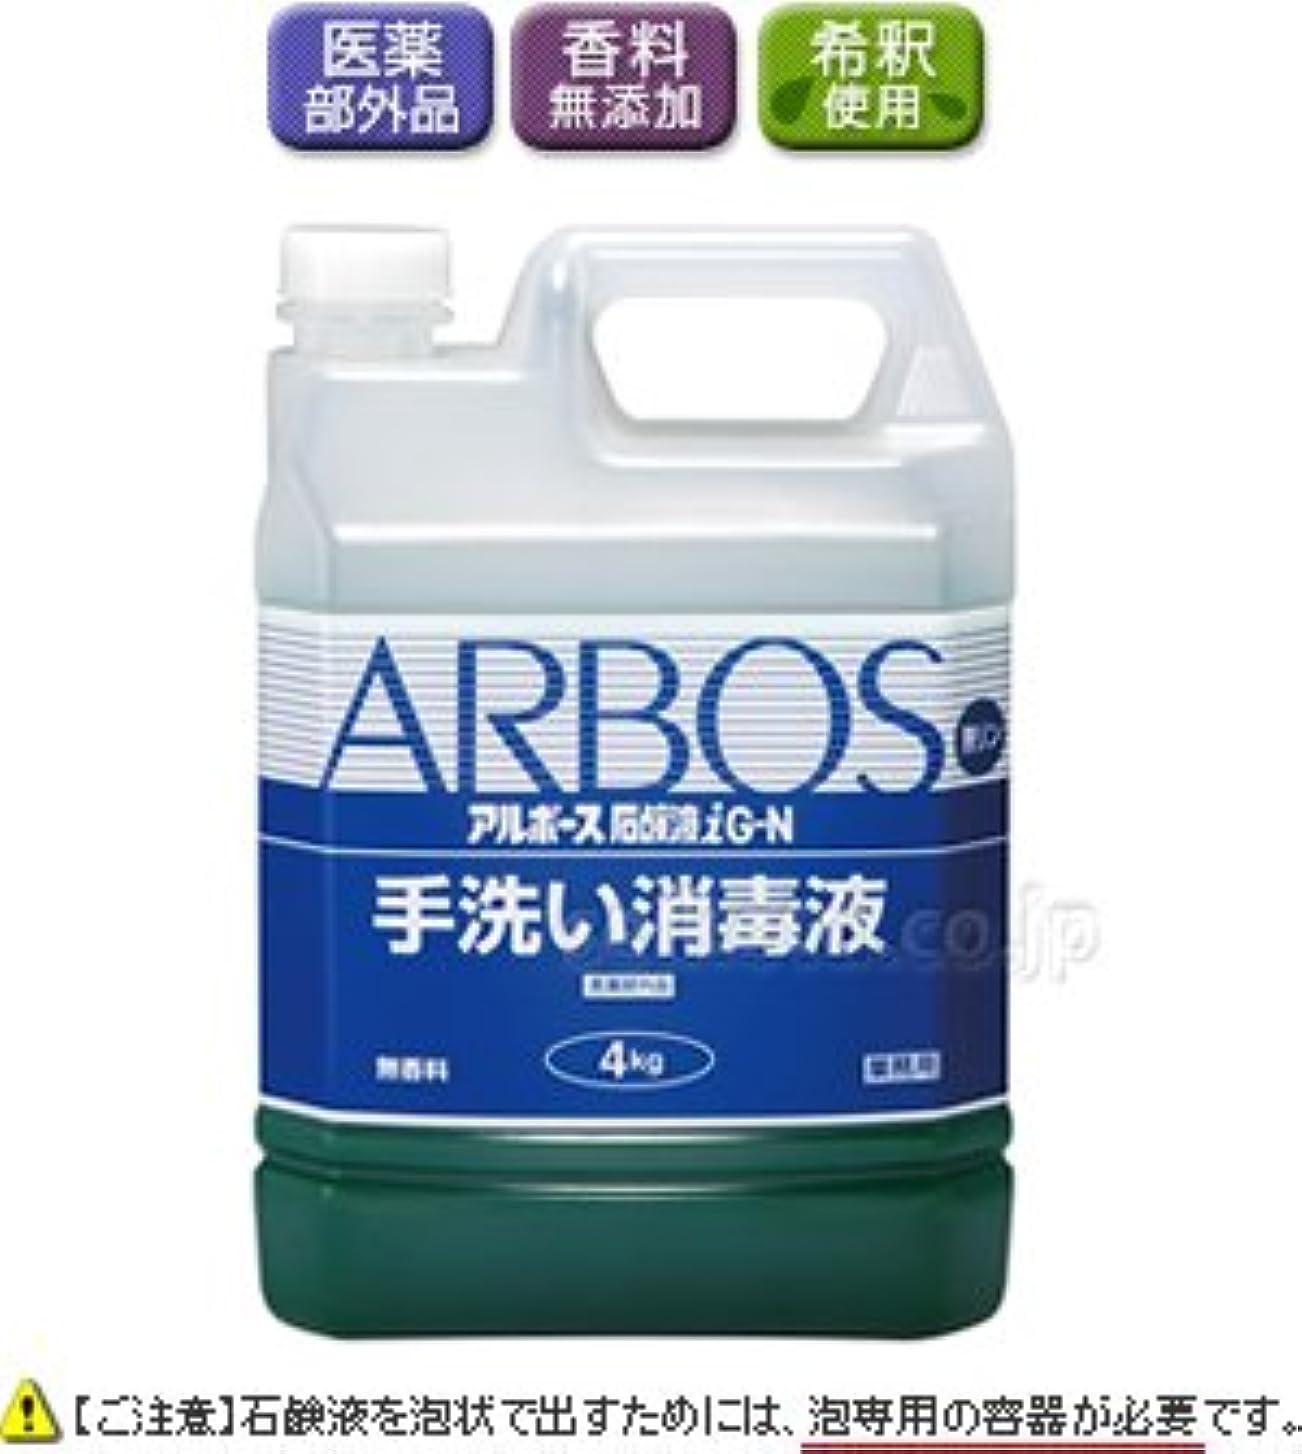 通行人メッシュ挽く【清潔キレイ館】アルボース石鹸液iG-N(4kg×1本)